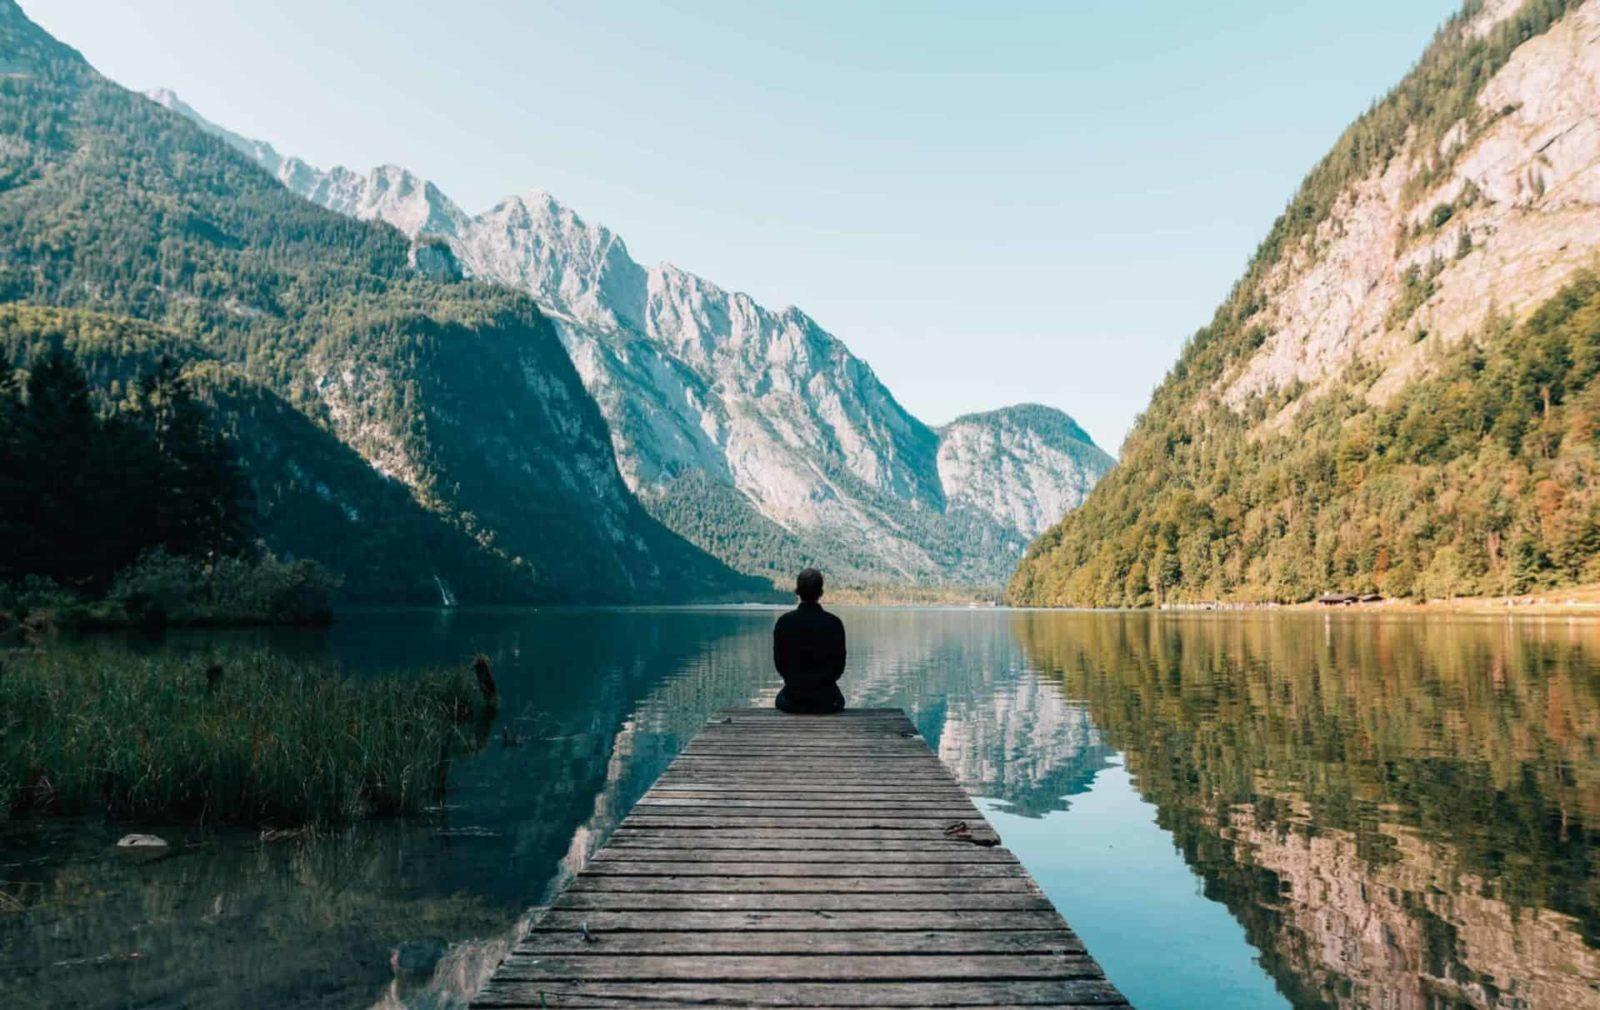 mann auf steg an einem bergsee